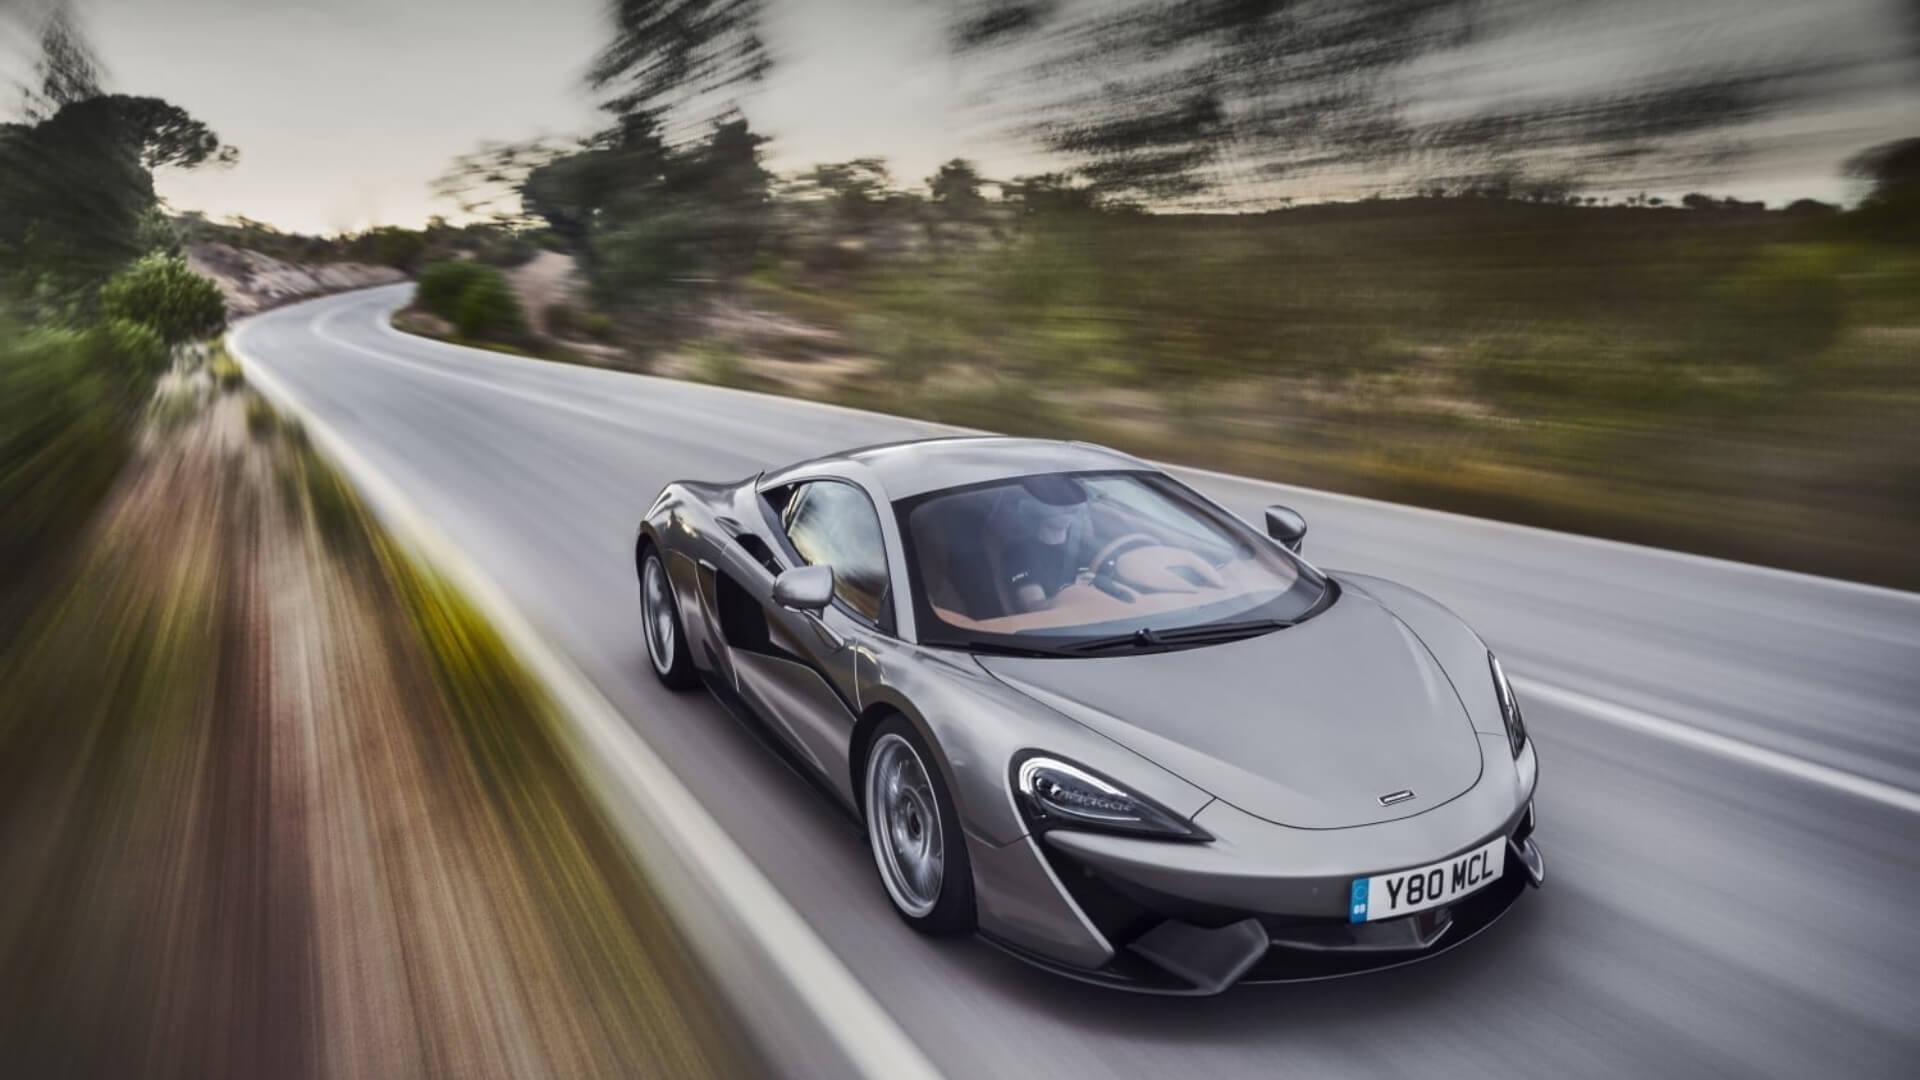 McLaren 570S 2015 mylife